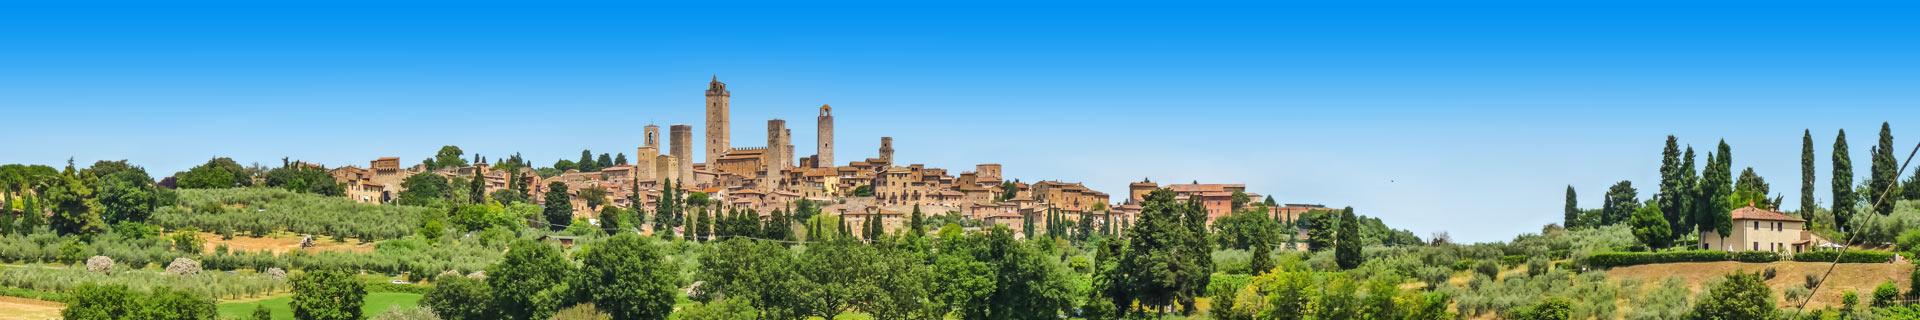 Uitzicht op druivenranken en een pittoresk stadje in Italië